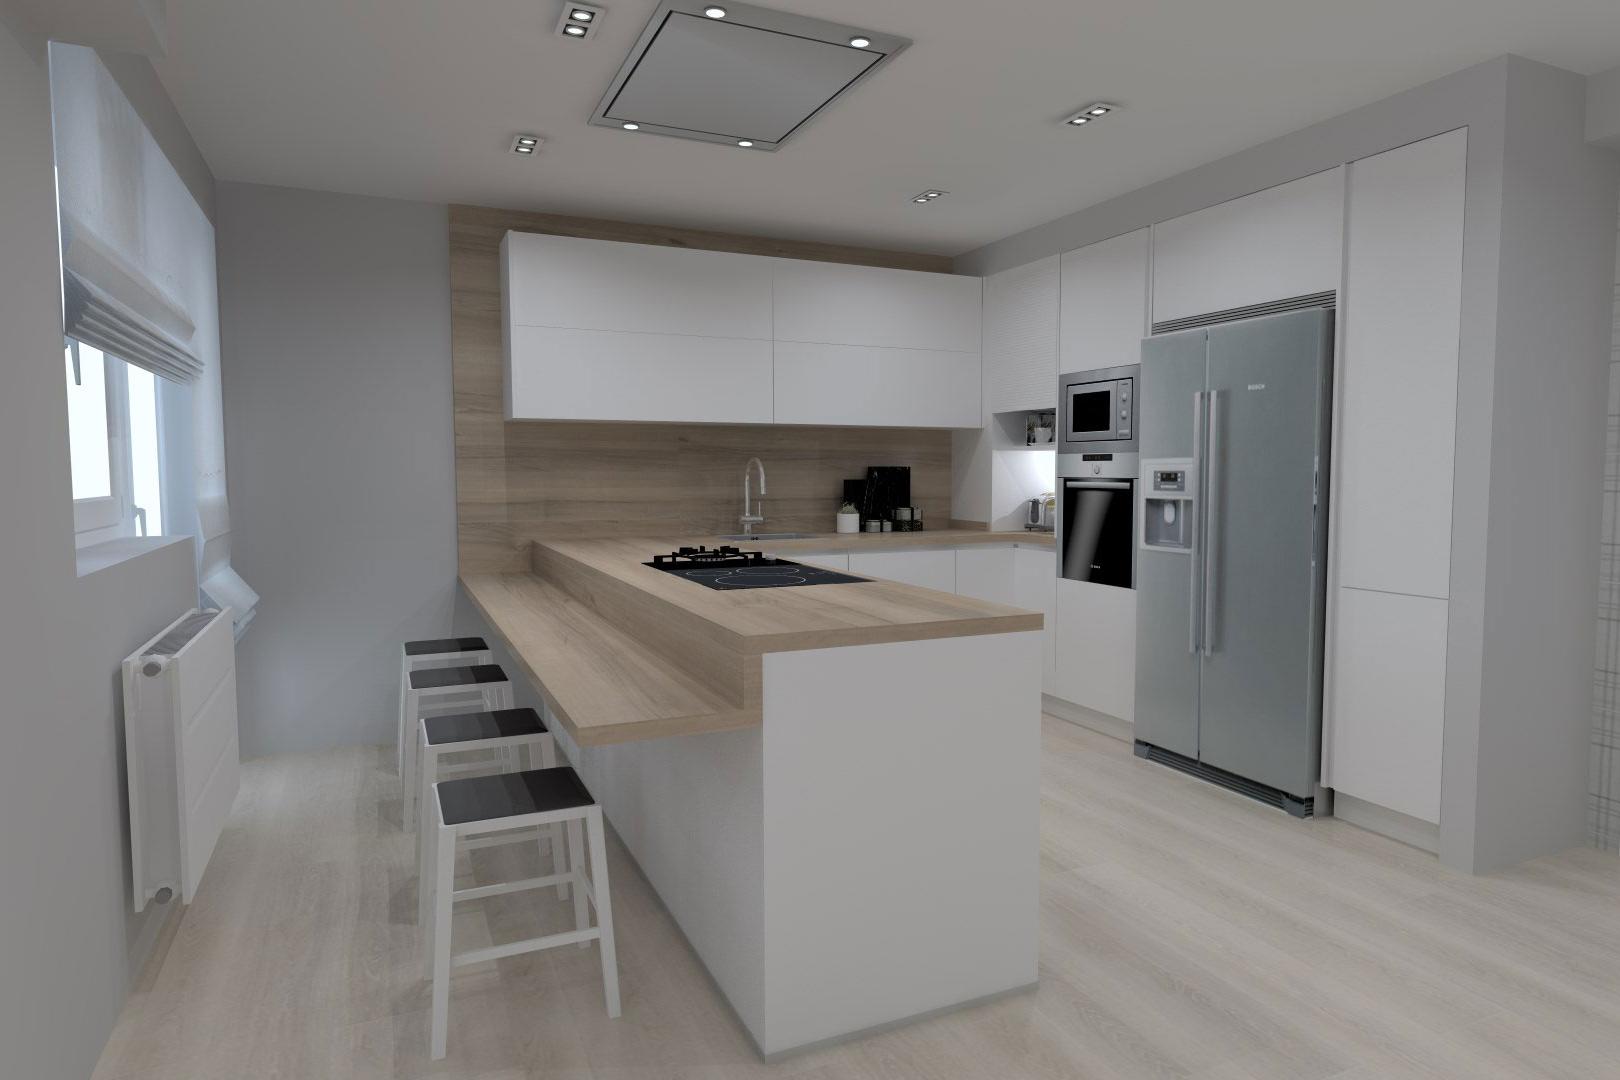 14 ideas de cocinas blancas para inspirarte santiago - Encimeras madera cocina ...